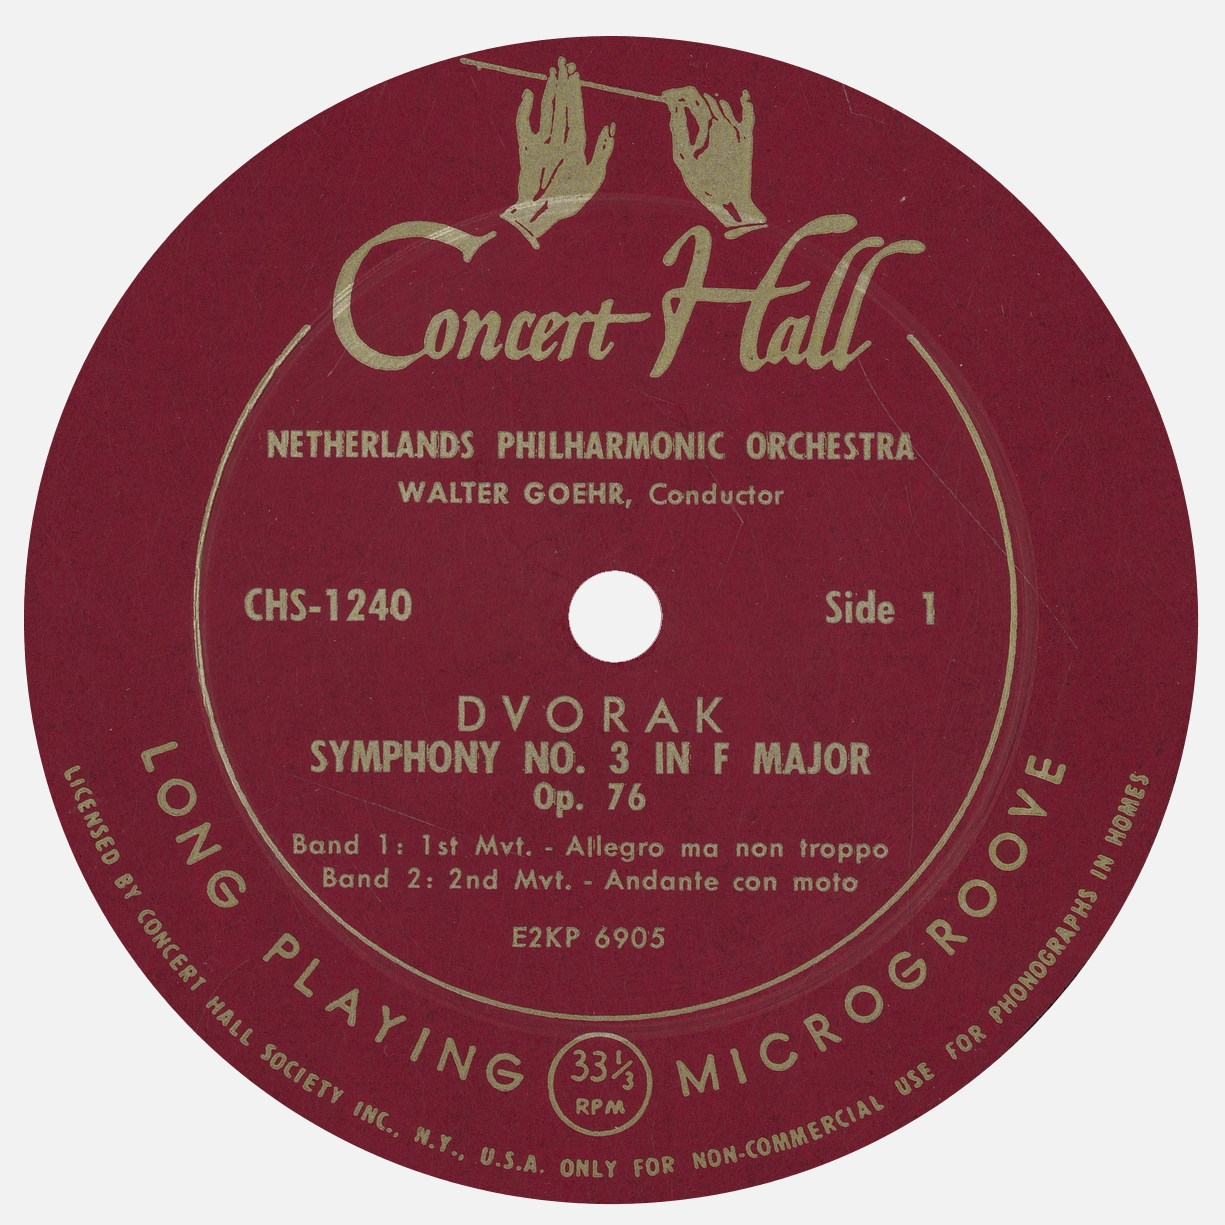 Étiquette recto du disque Concert Hall CH 1240